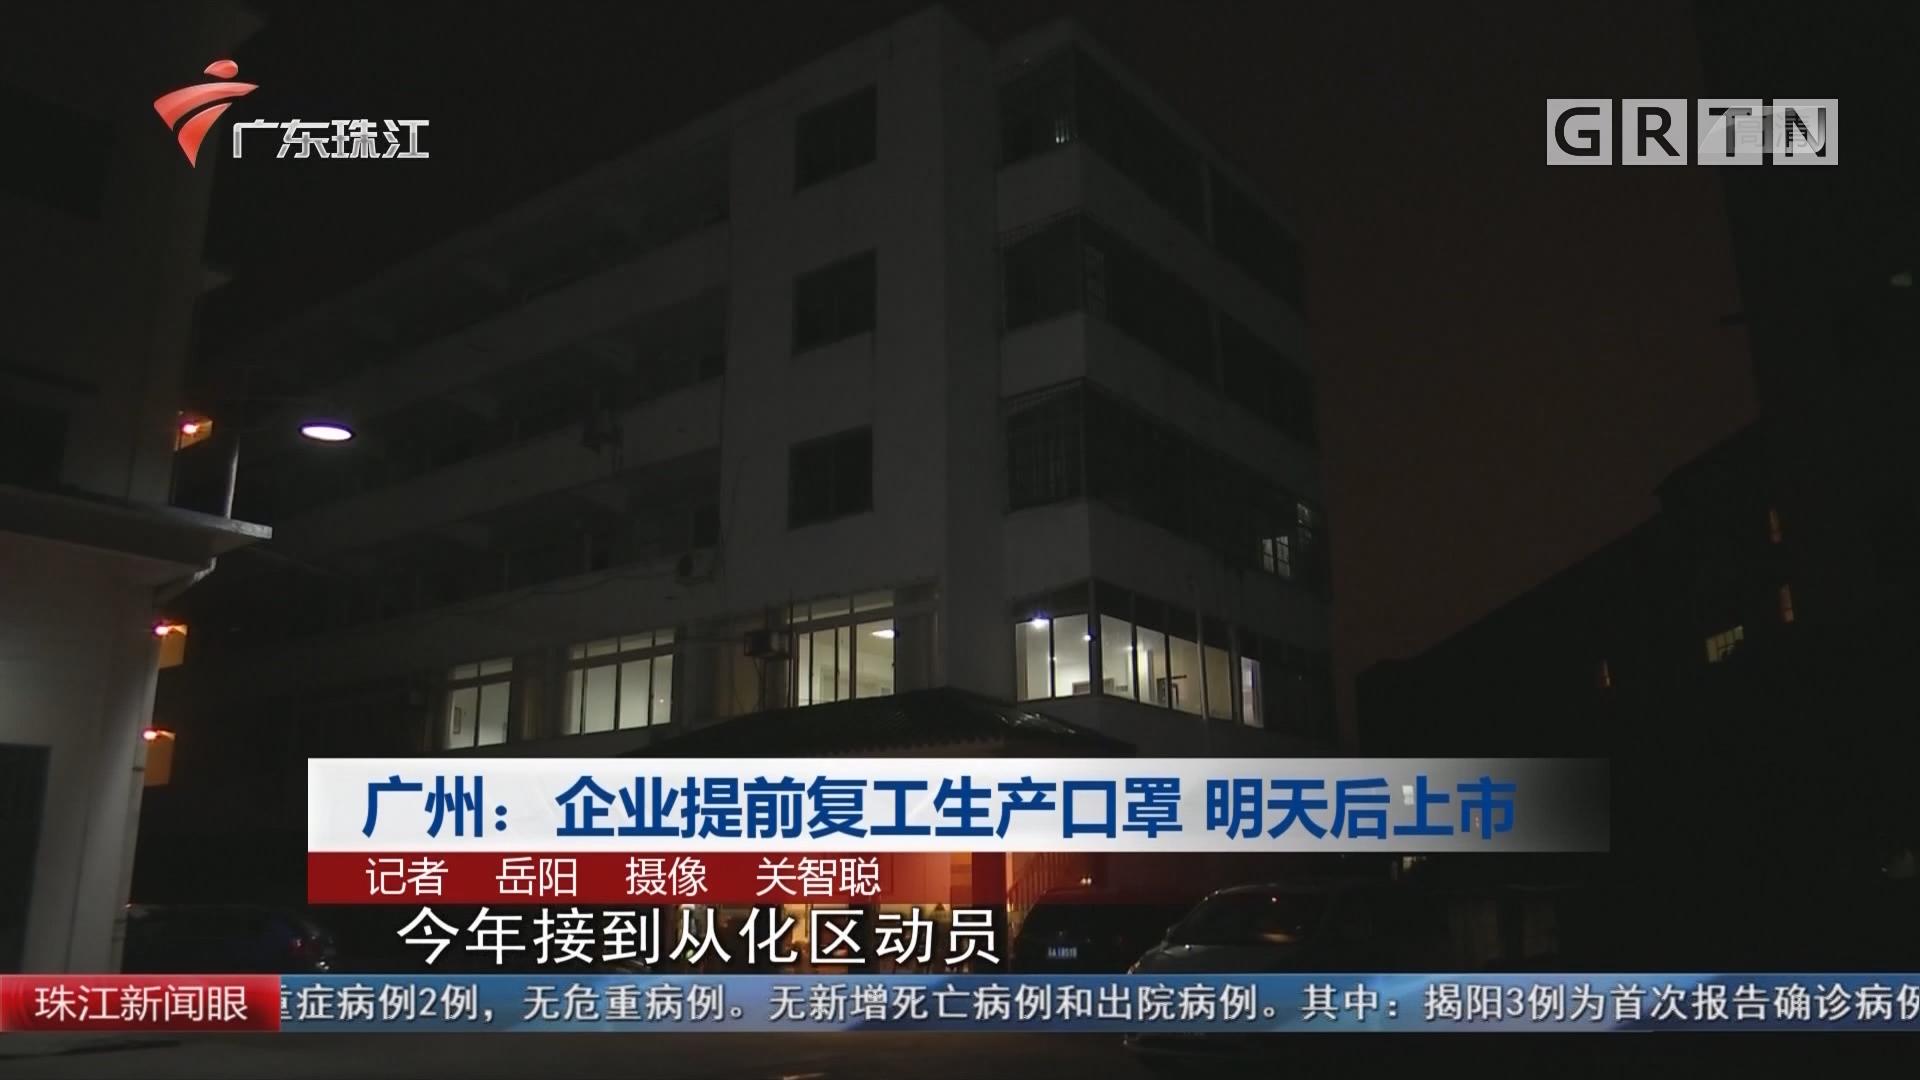 广州:企业提前复工生产口罩 明天后上市